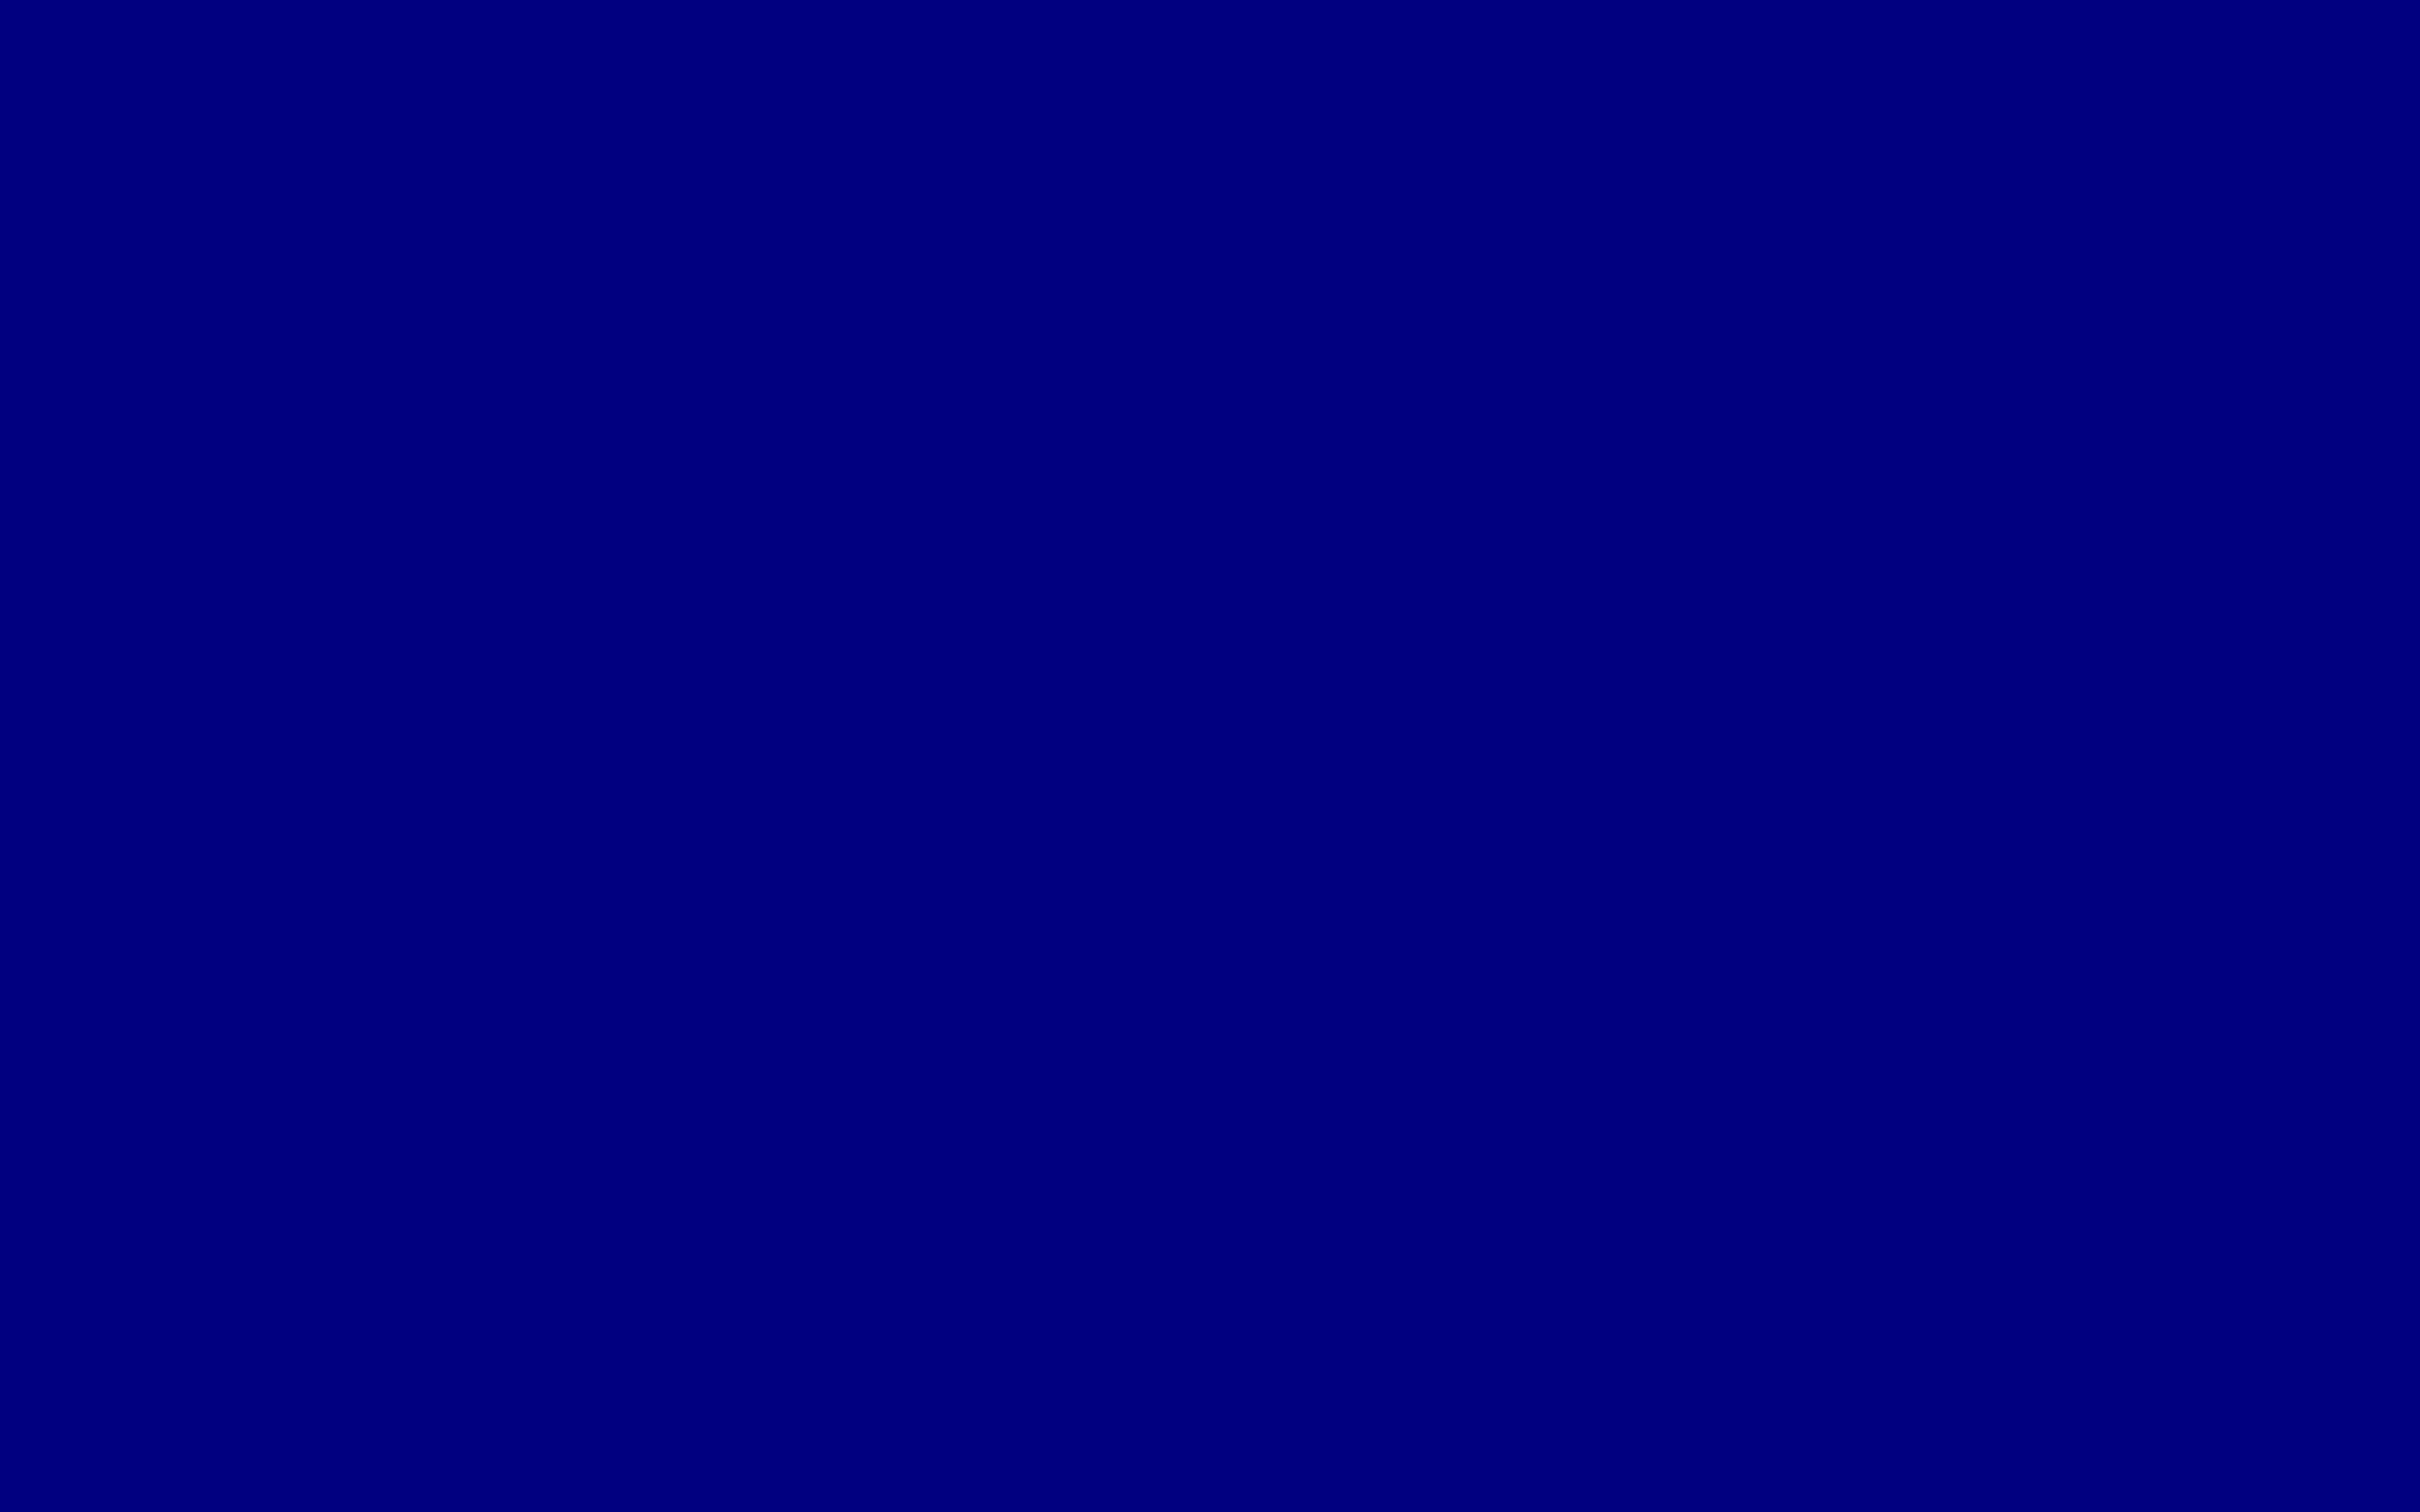 2560x1600 Nền màu xanh hoàng gia